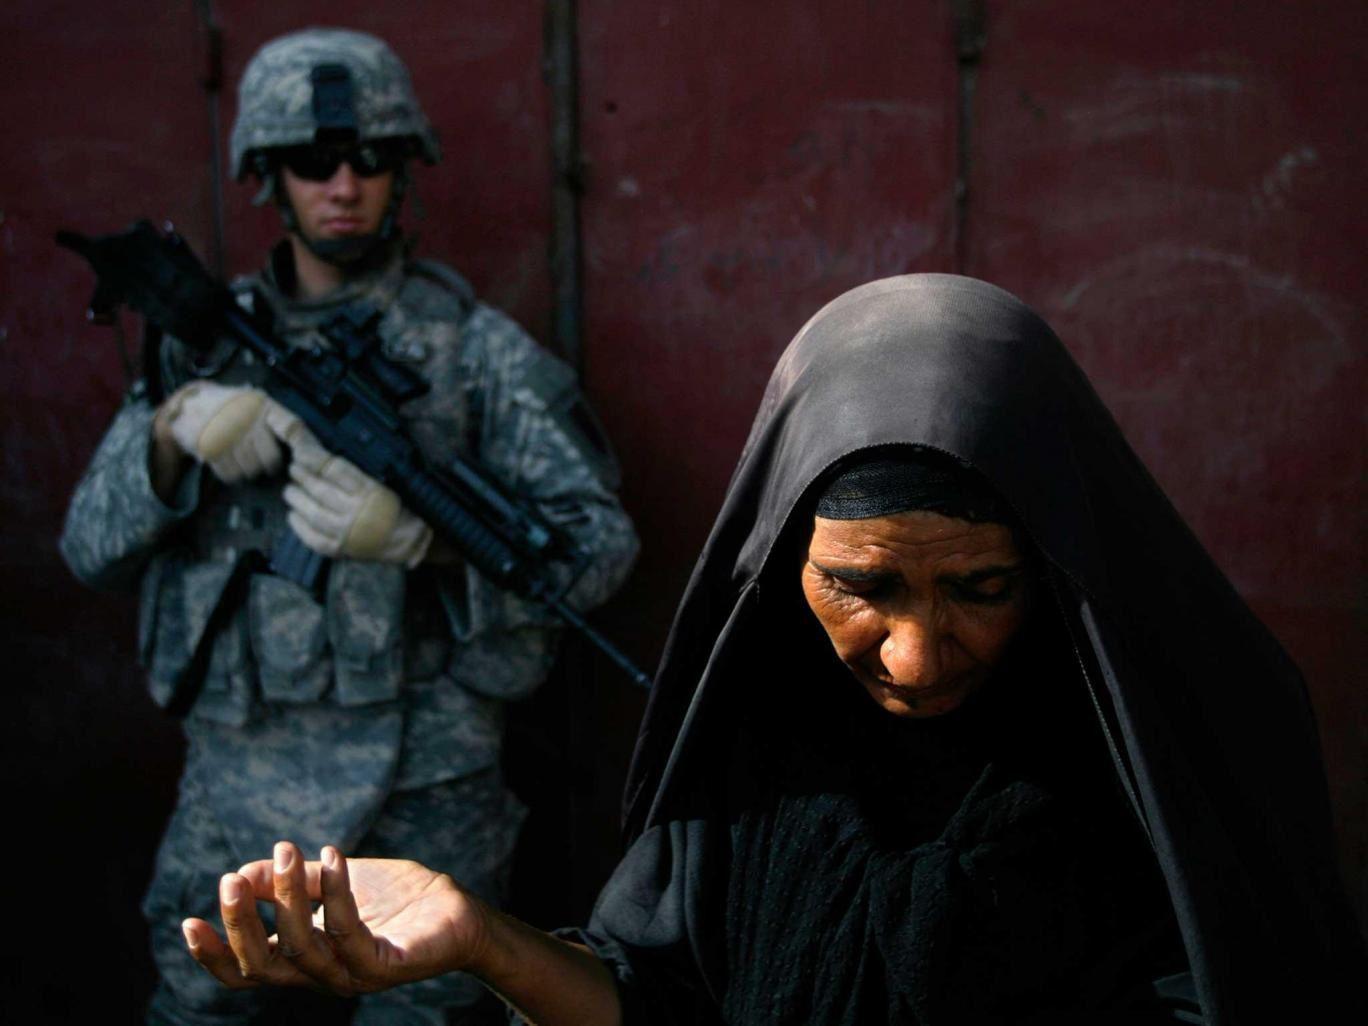 Victimes sans valeurs : les guerres occidentales ont tué 4 millions de Musulmans depuis 1990 (Middle East Eye)